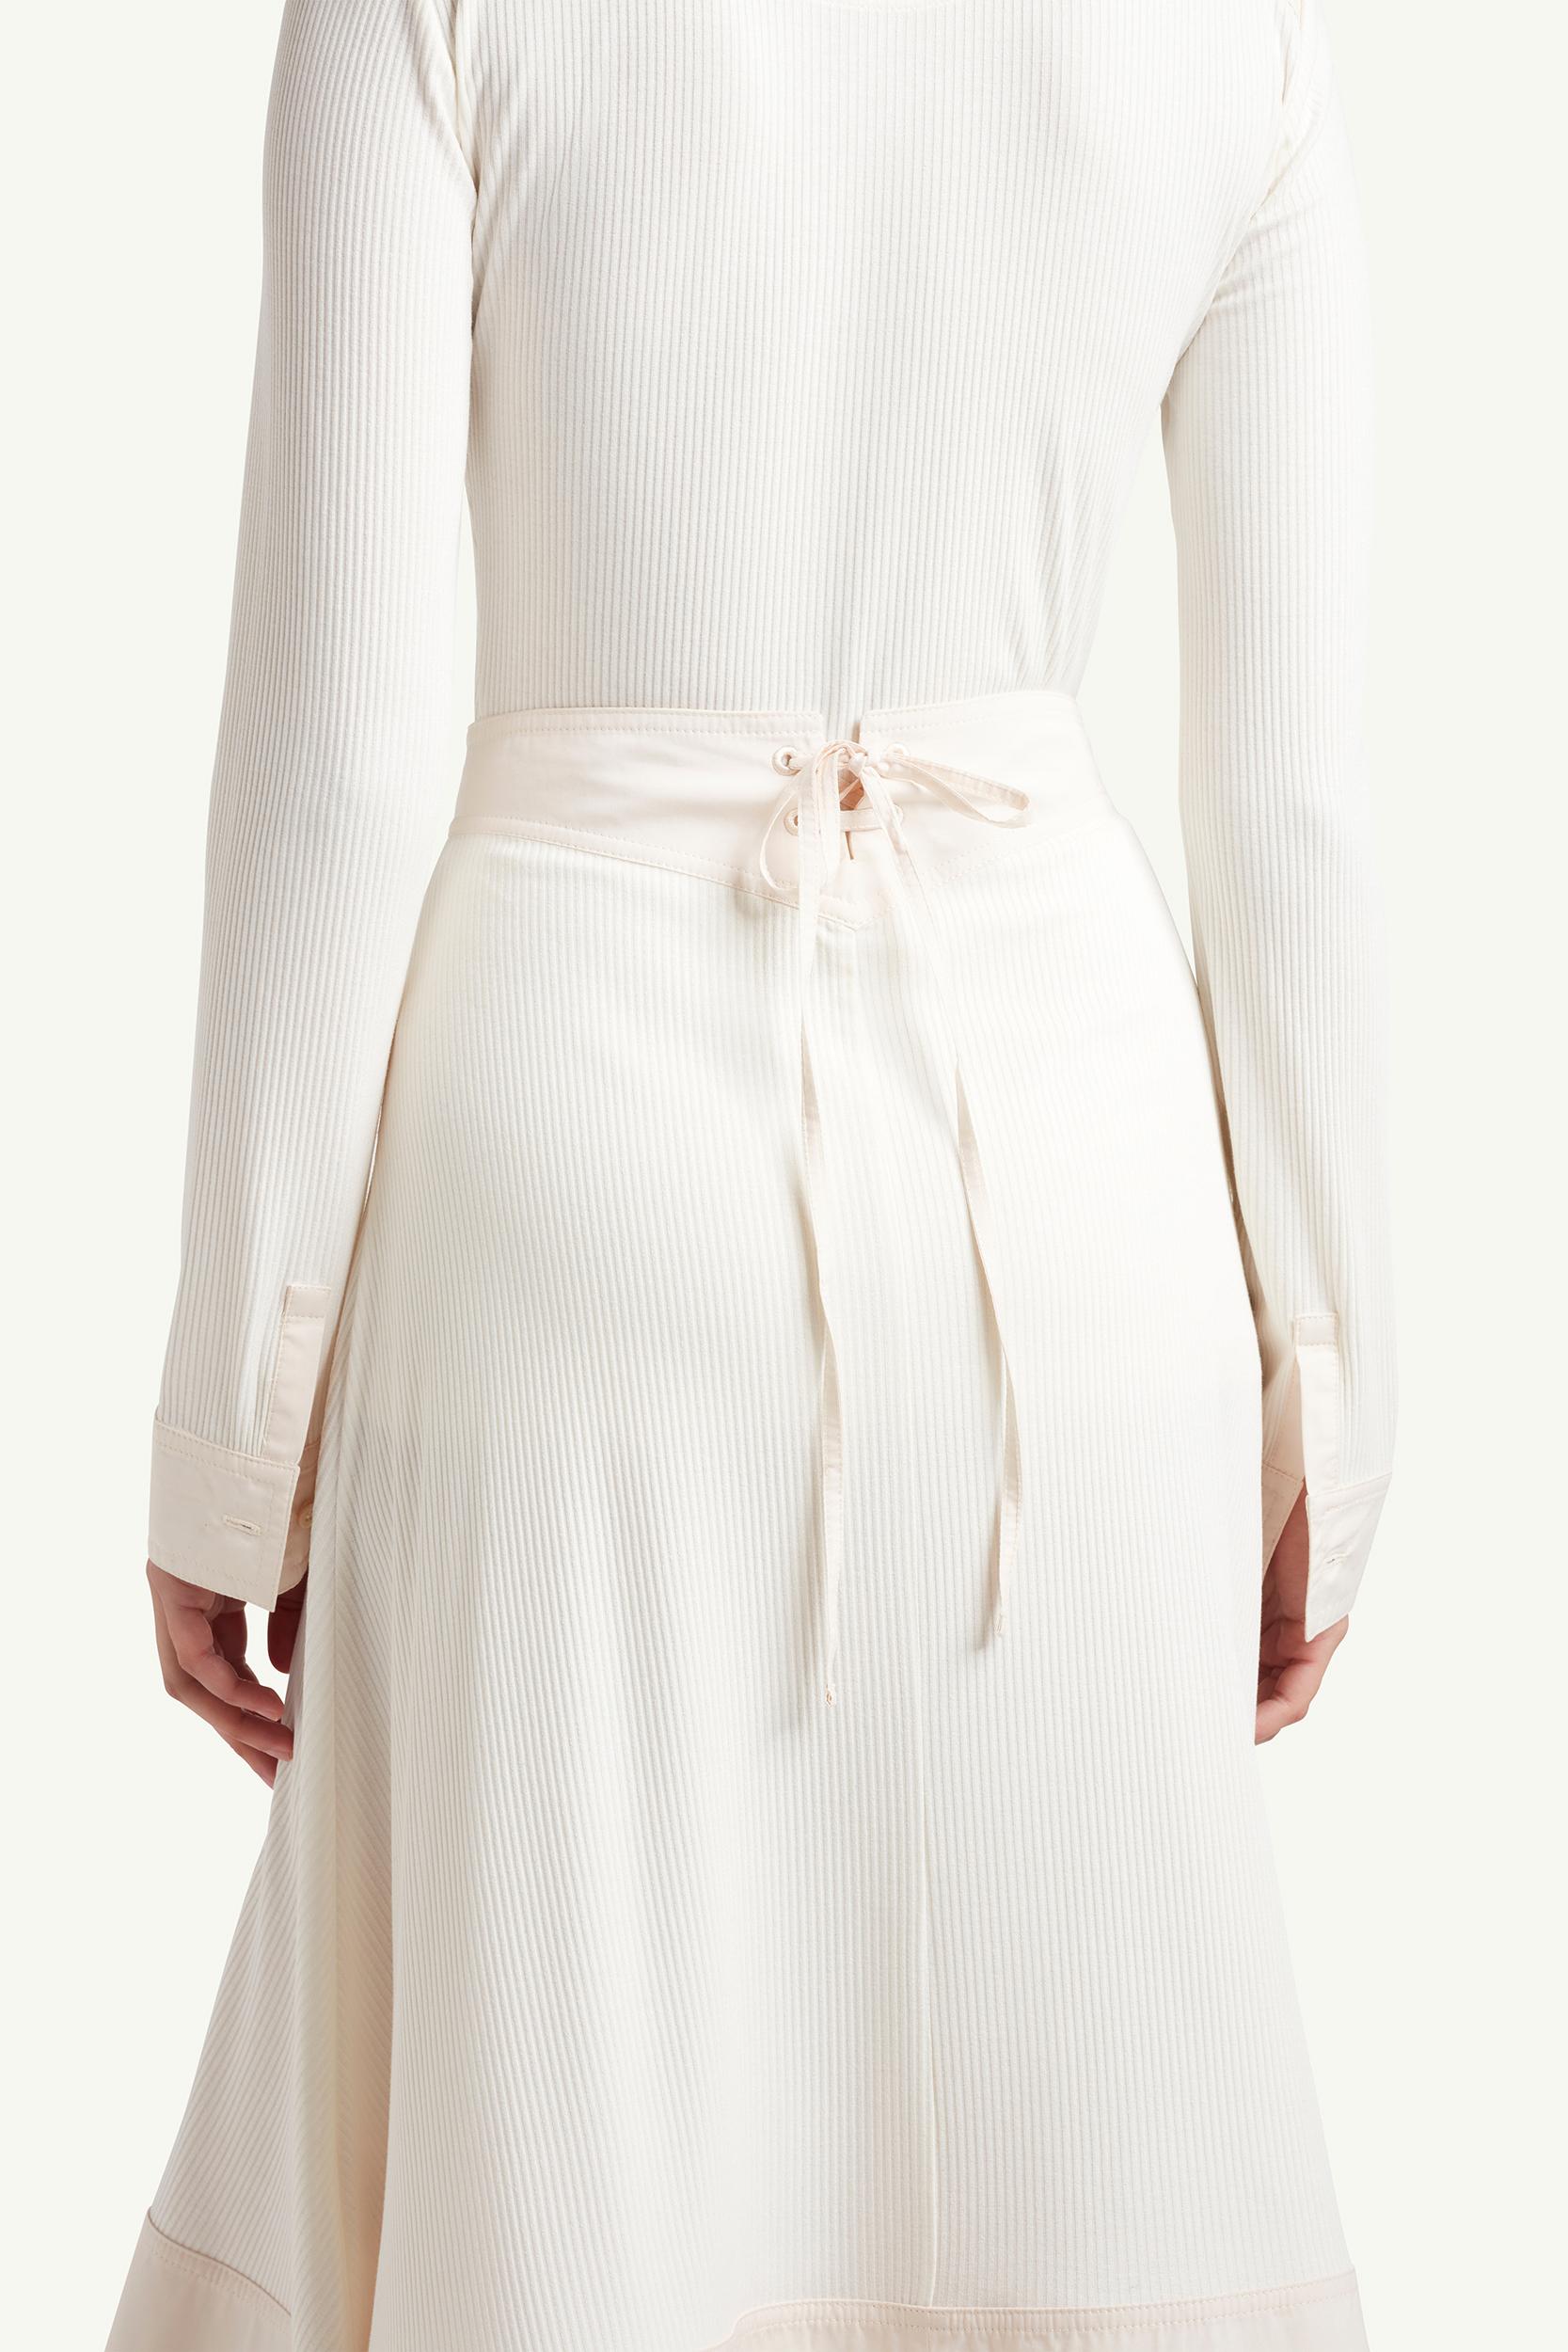 back side detail shot of womenswear model wearing Wales Bonner Womenswear Model wearing a white long dress | LRP